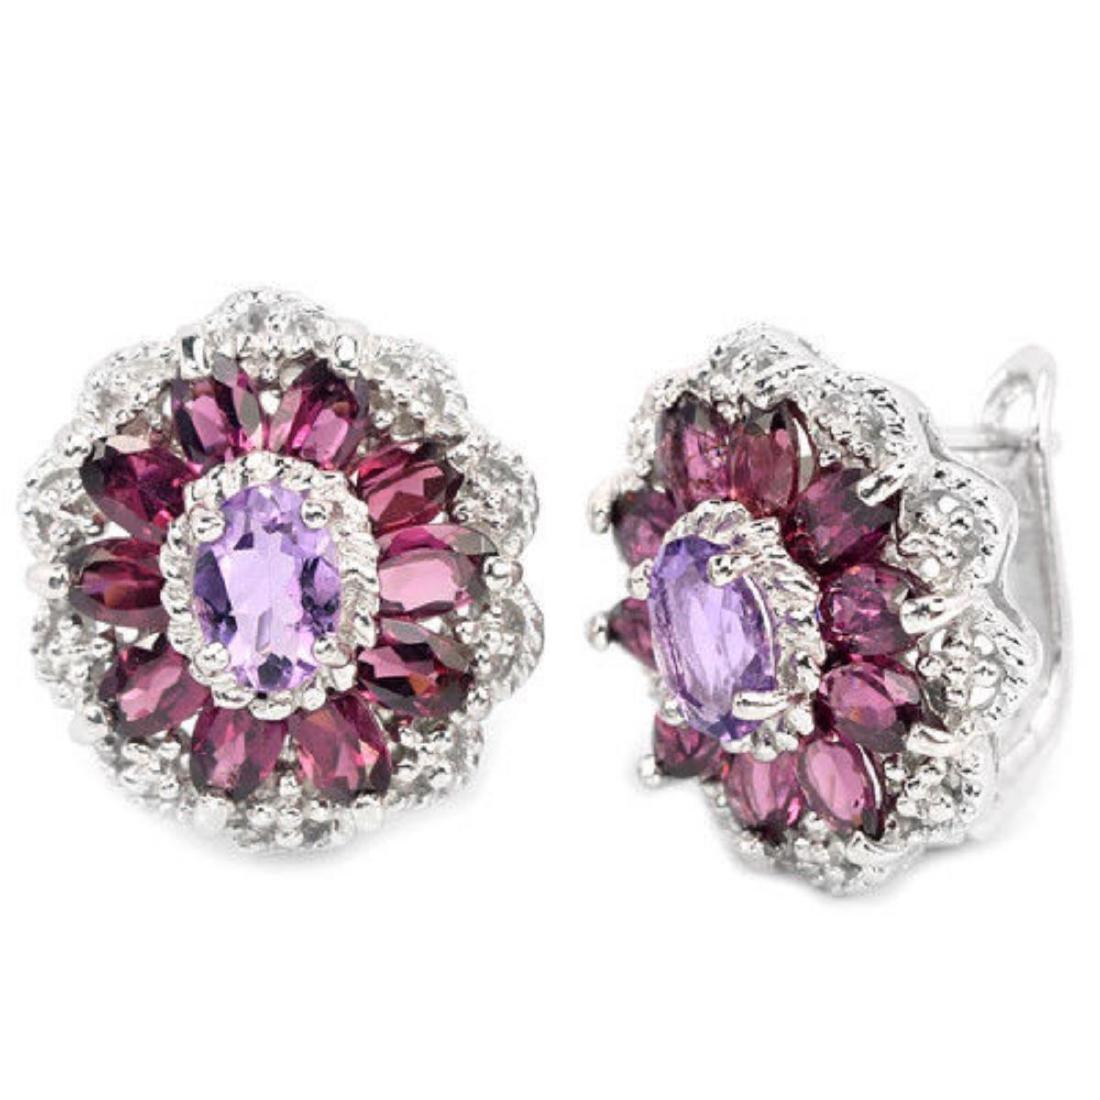 NATURAL AMETHYST & RHODOLITE GARNET Earrings - 2